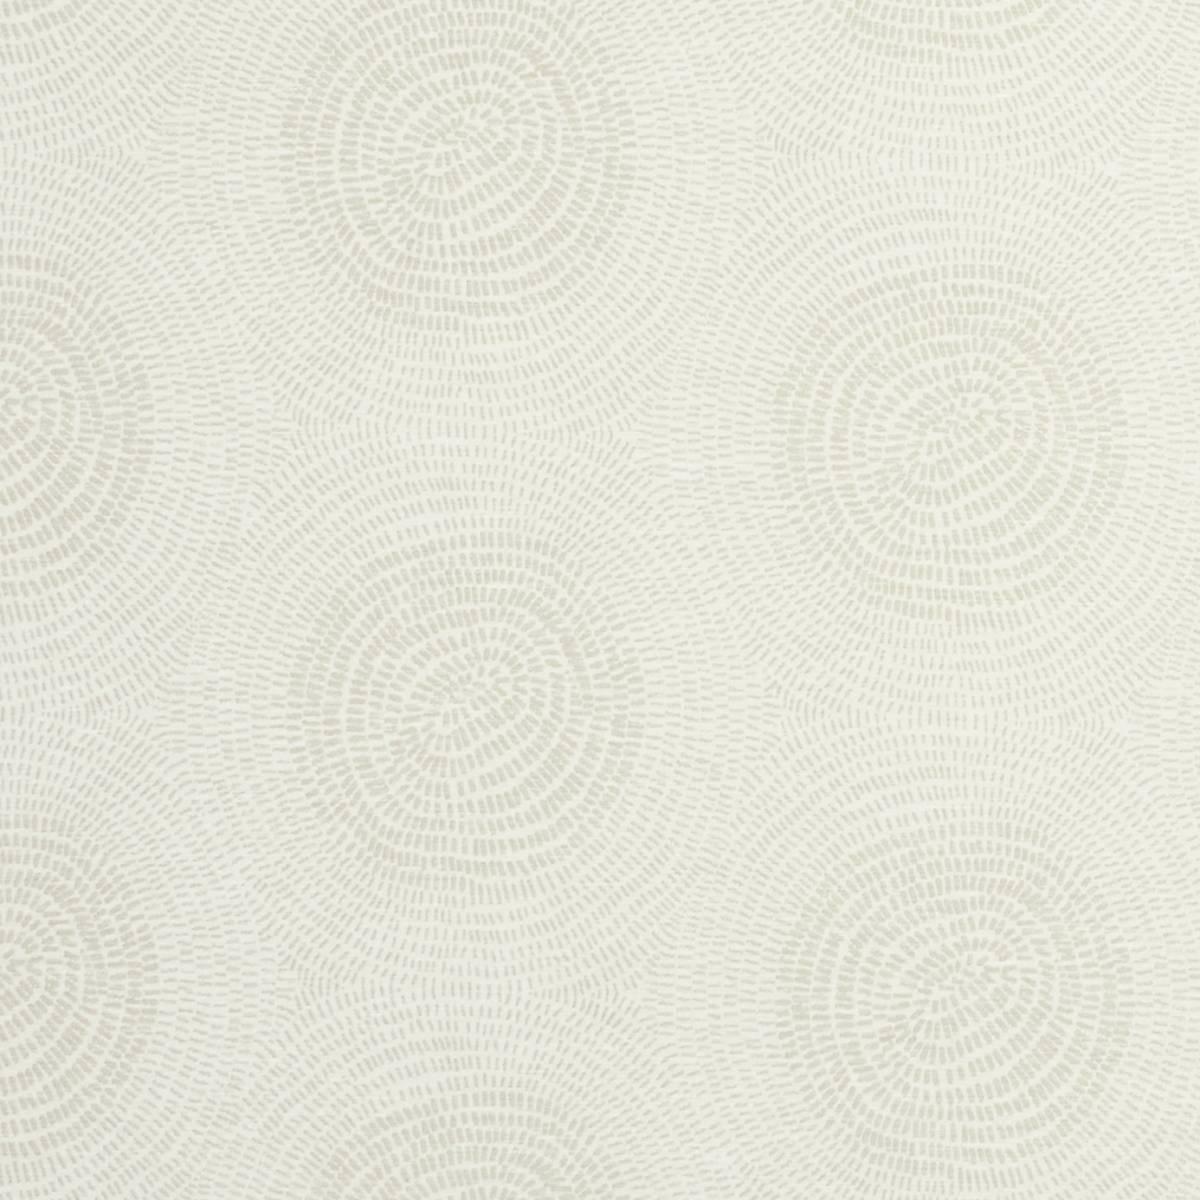 Logs Fabric